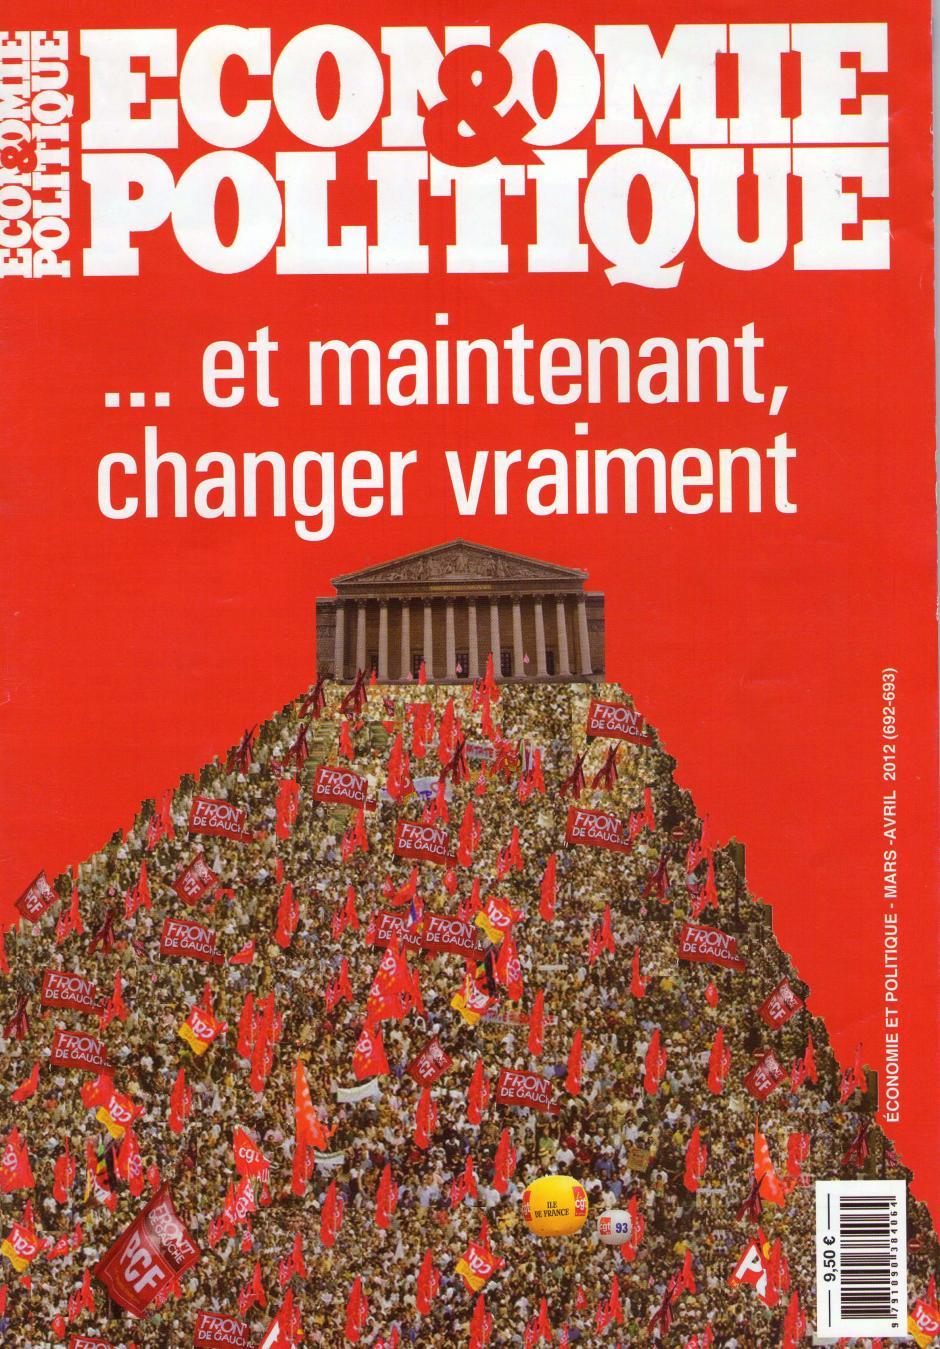 Economie & Politique  - Mars-Avril 2012  - n° en accès libre